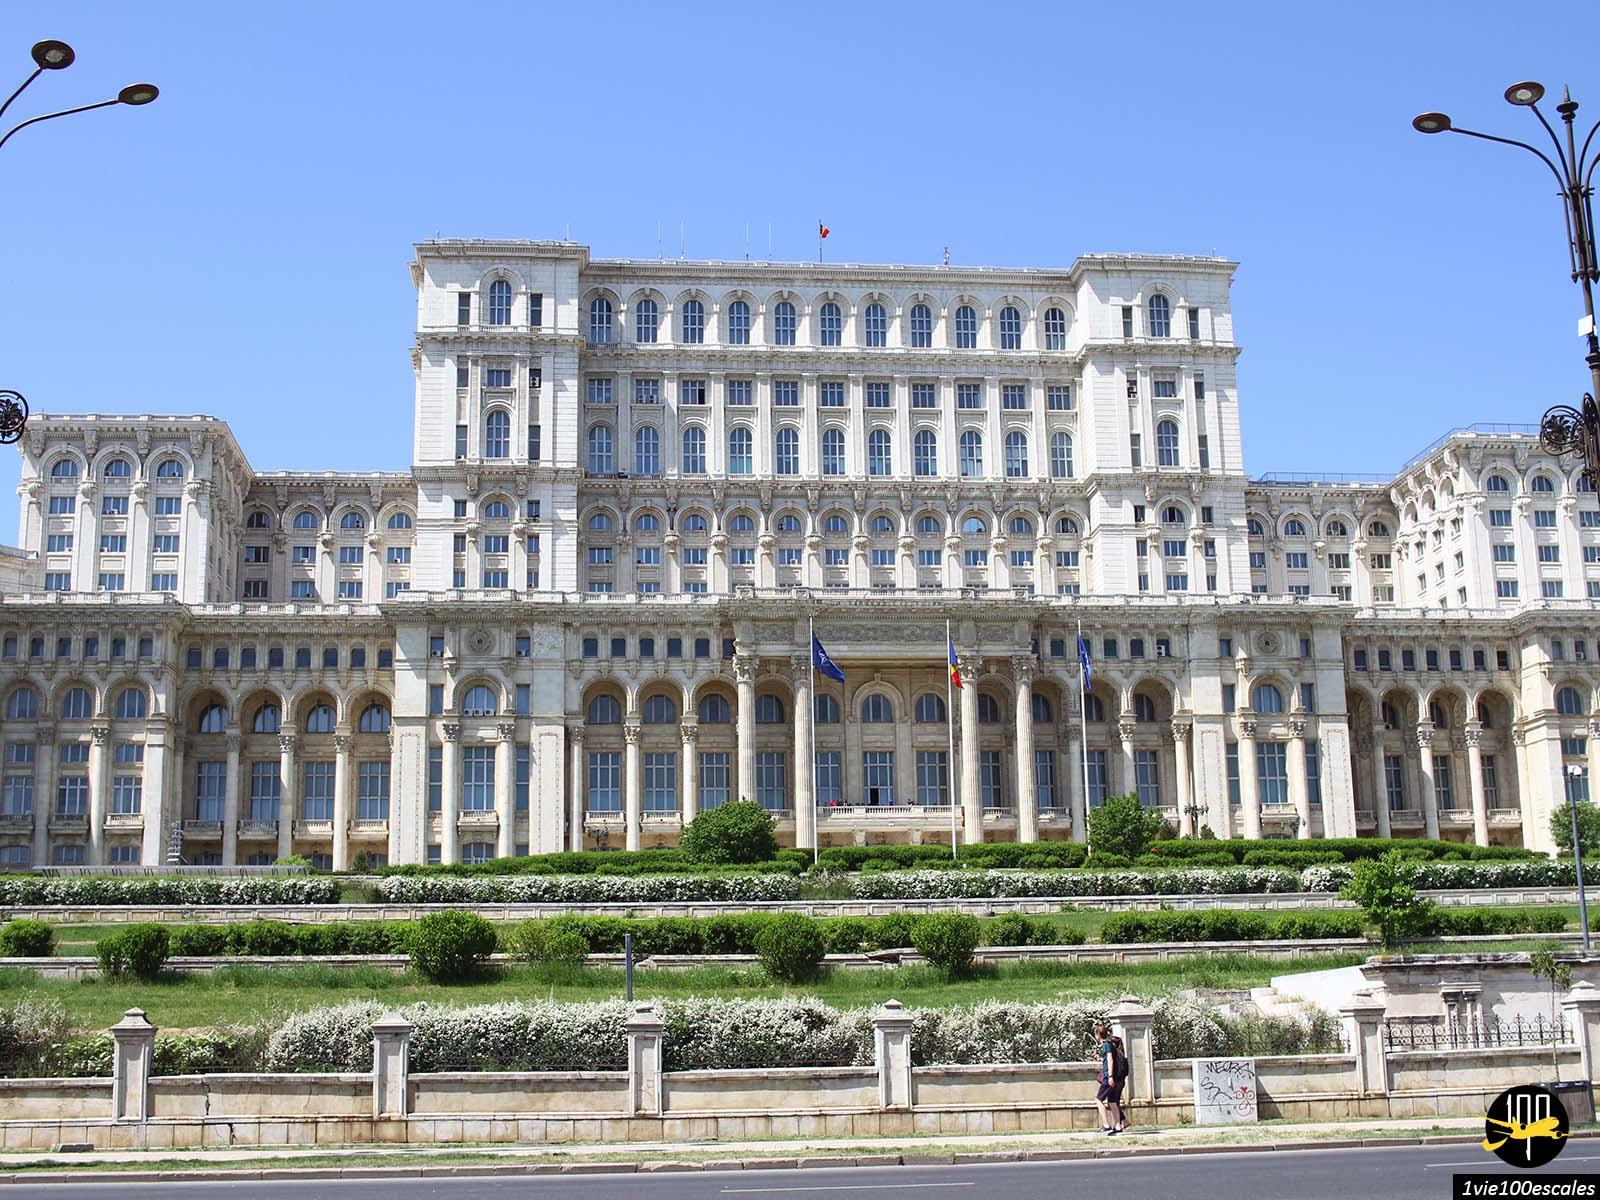 Escale #106 Bucarest